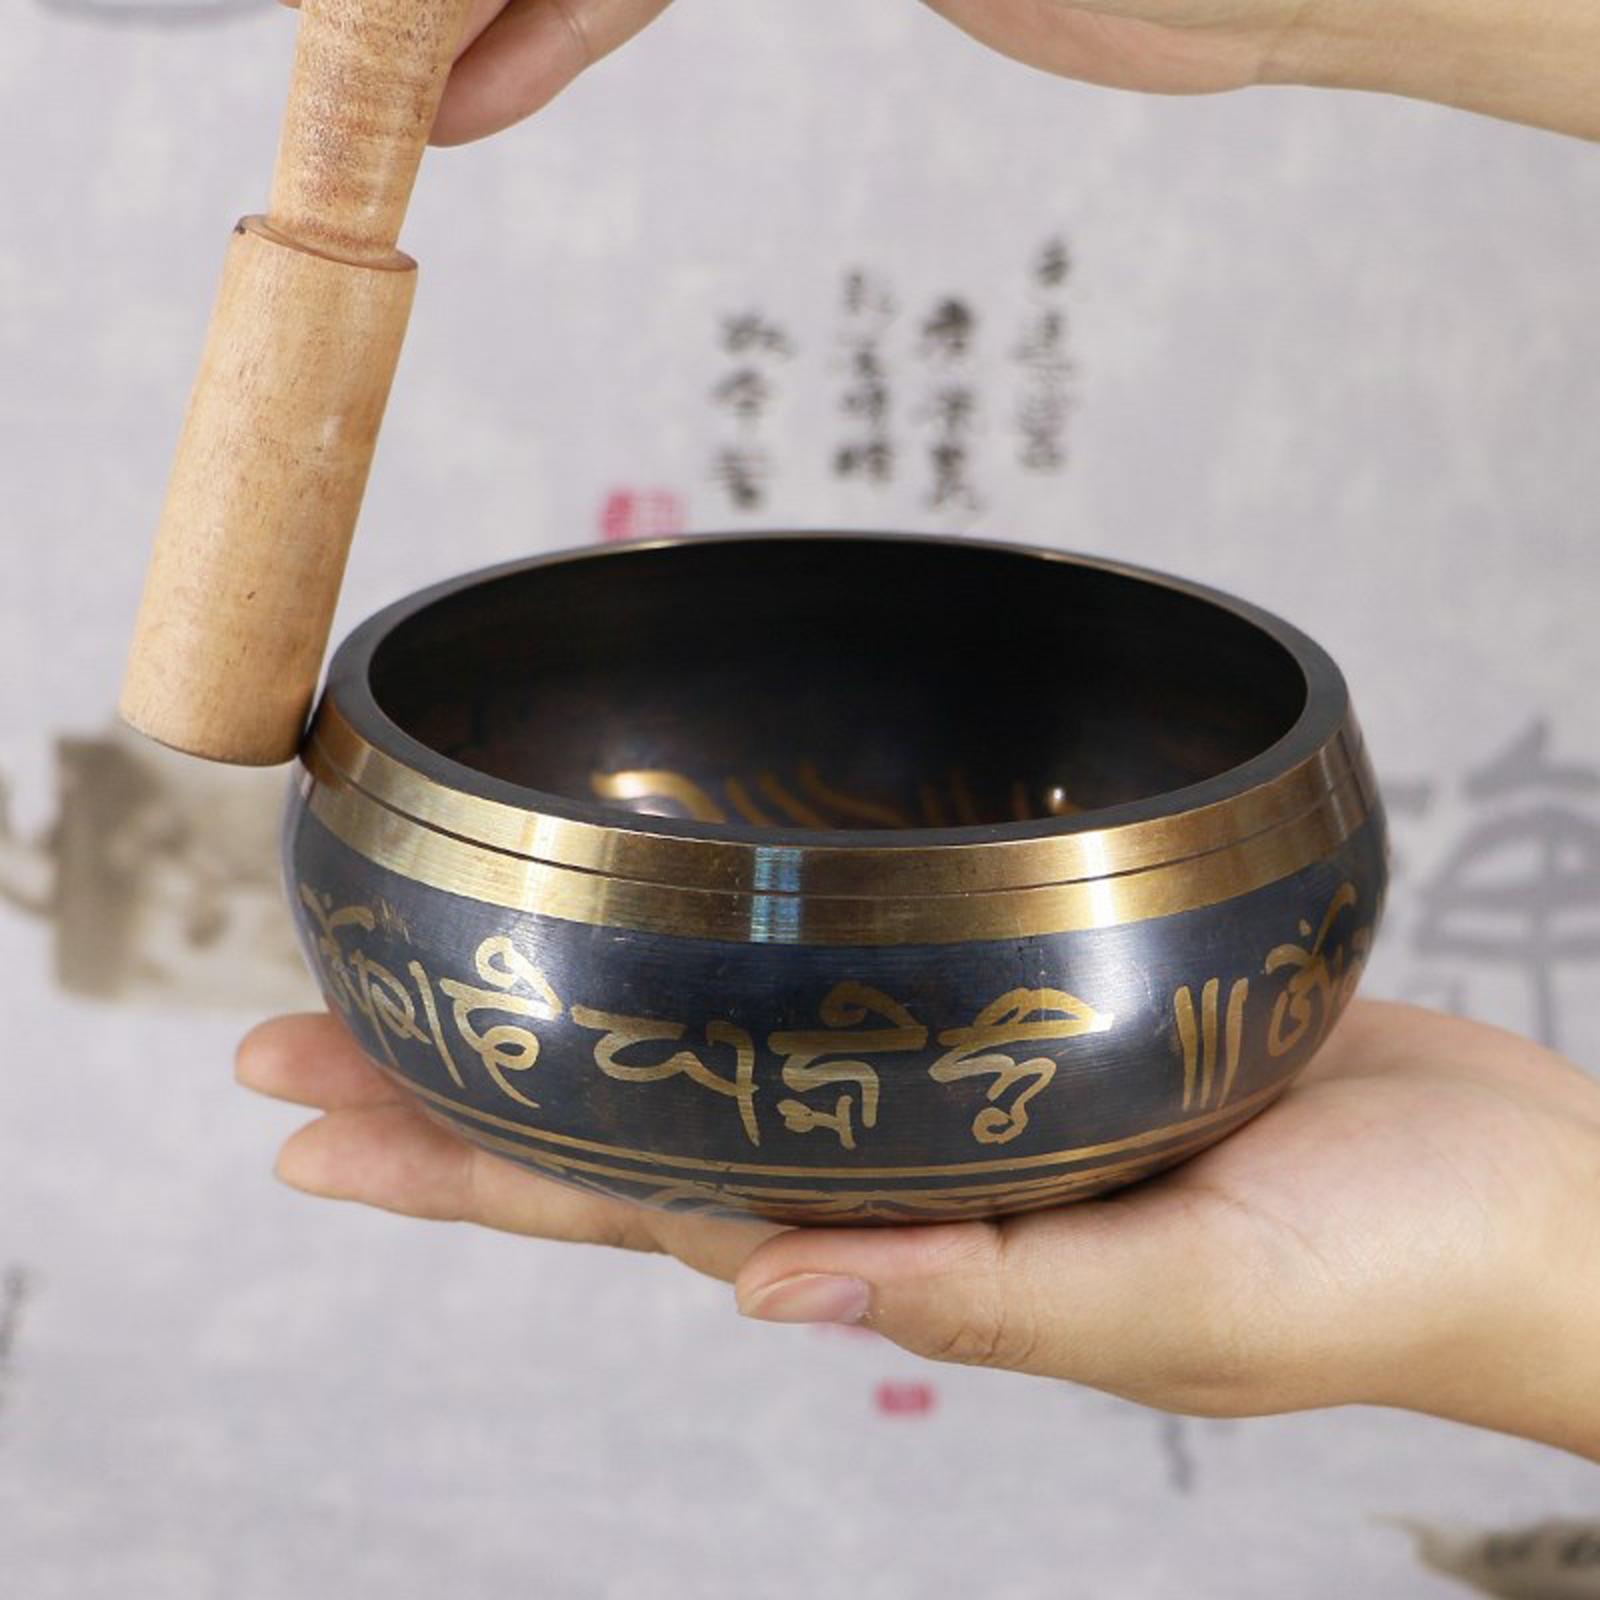 miniatura 16 - Nepal Singing Bowl Meditazione Buddista Ciotola Religione Relax Decorazioni